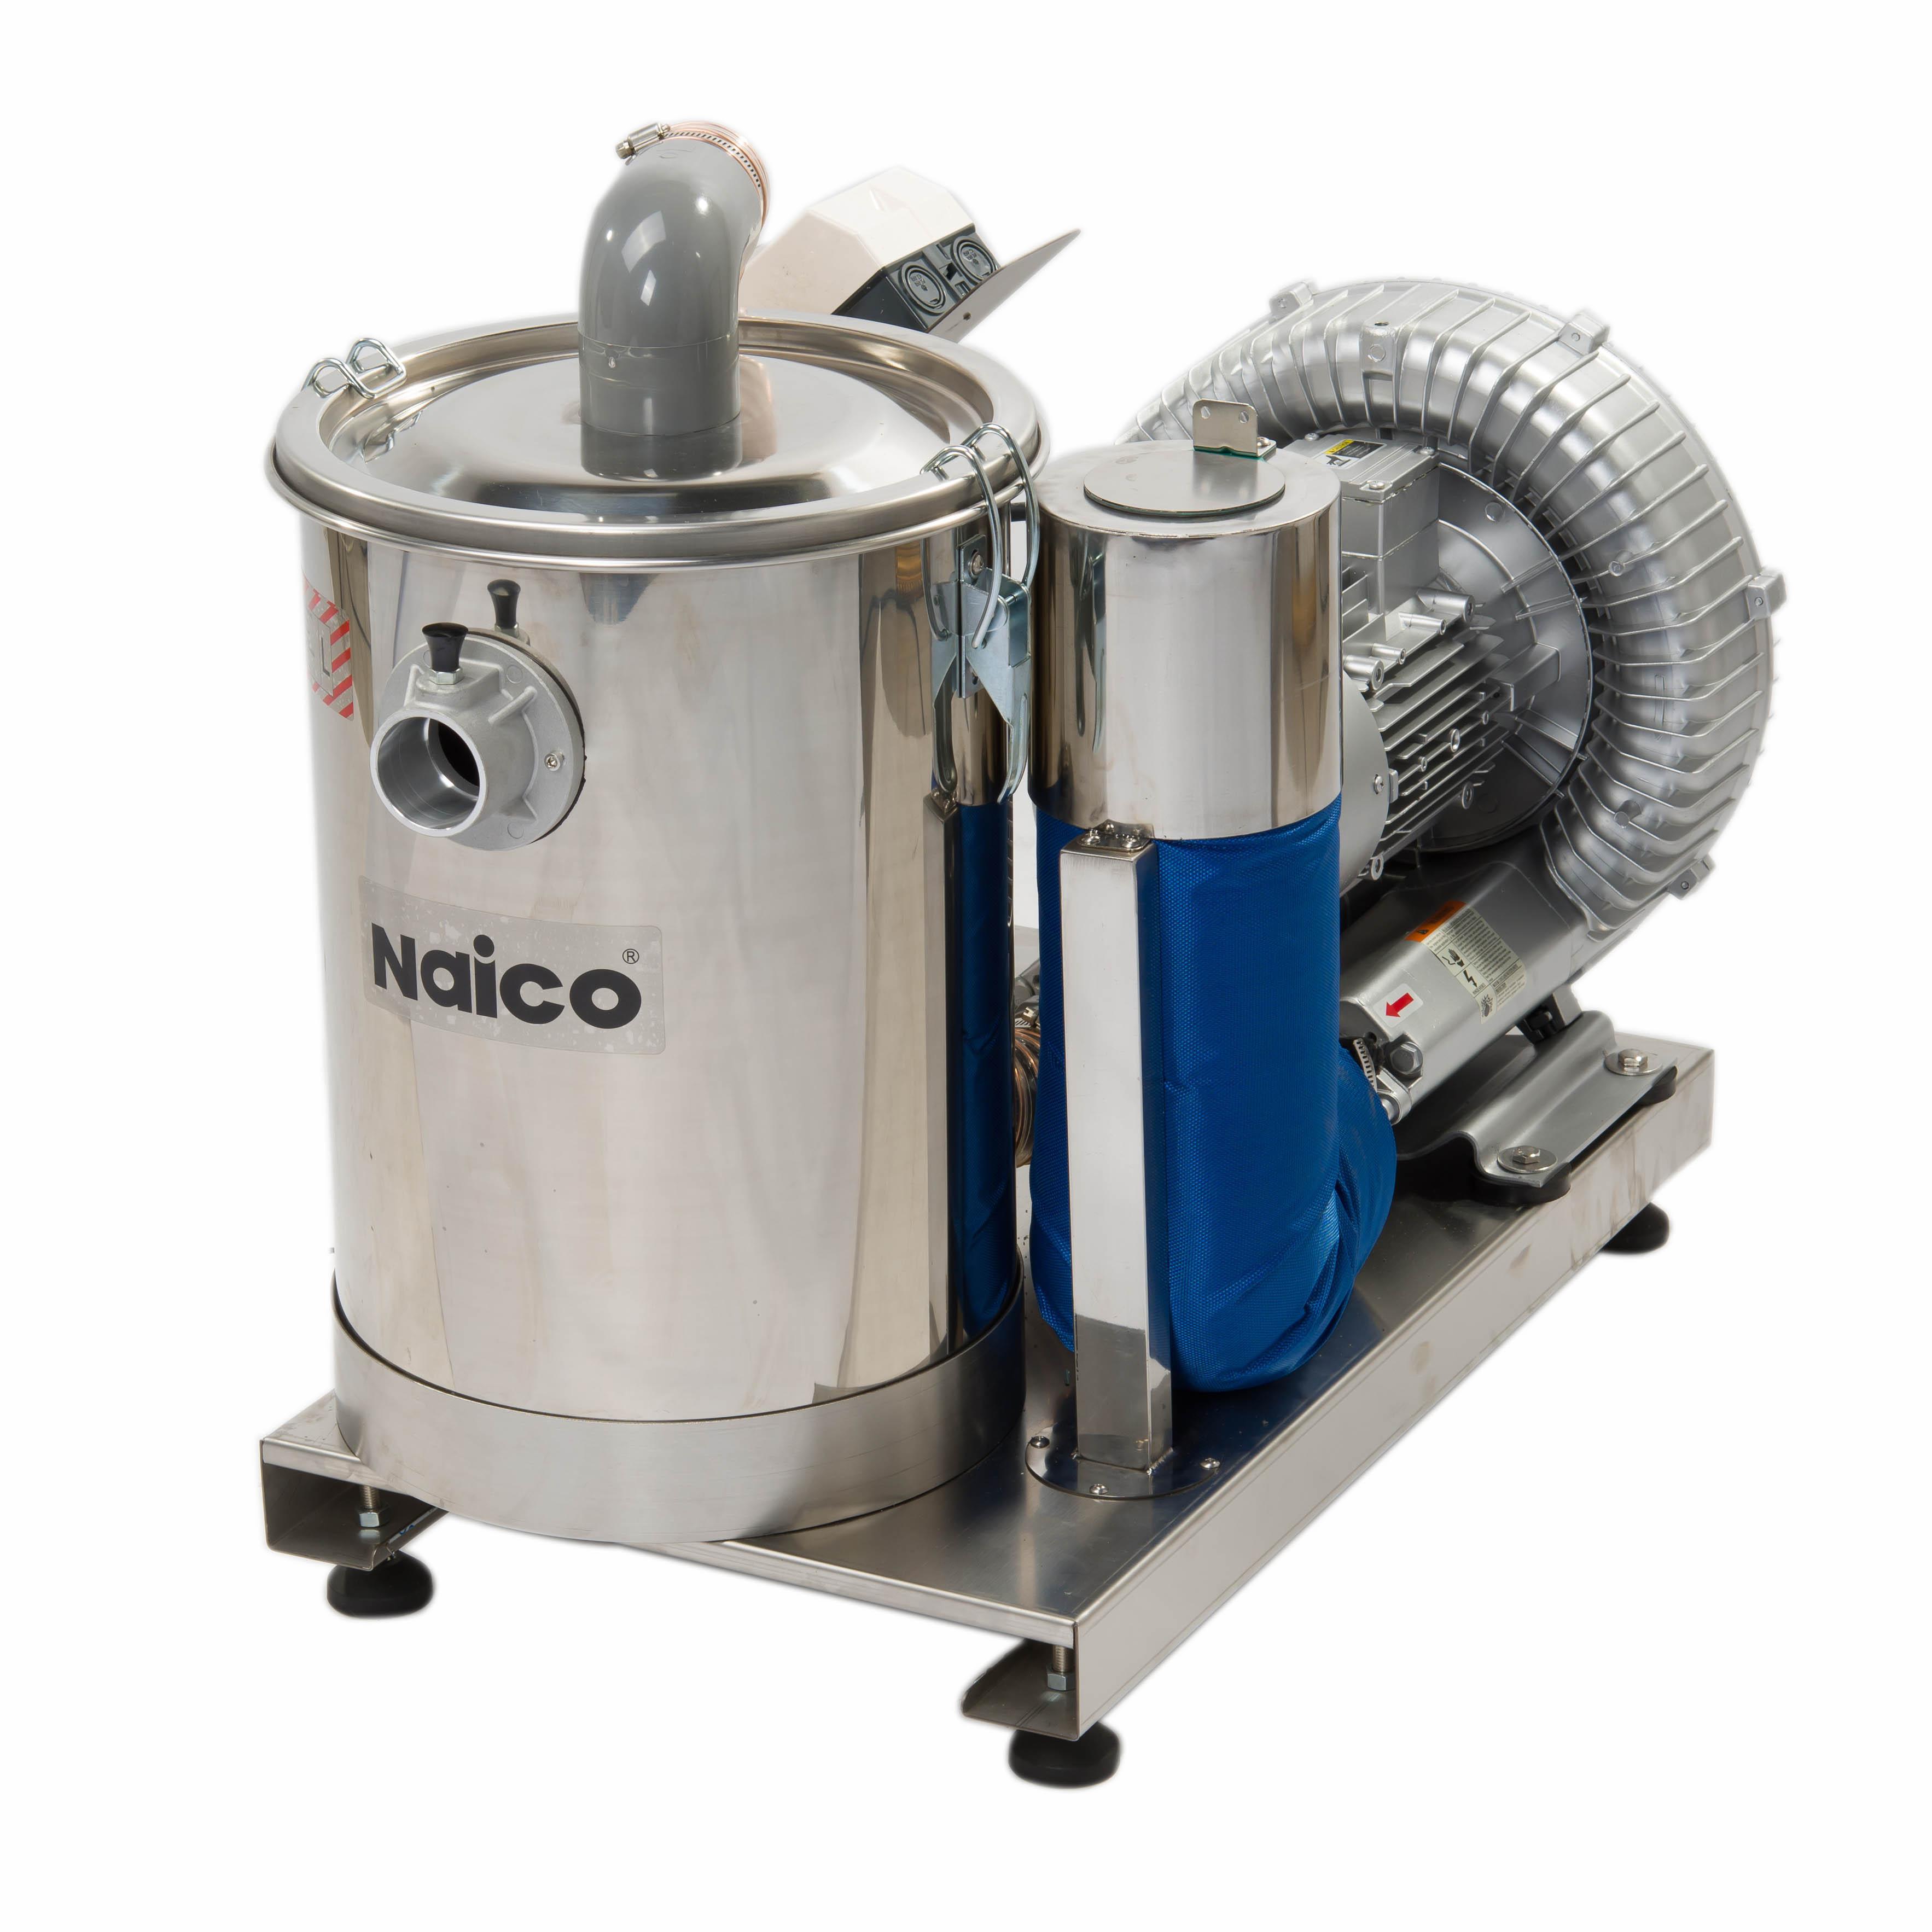 固定式工业吸尘器制药食品轻工业大功率吸尘机 D2230